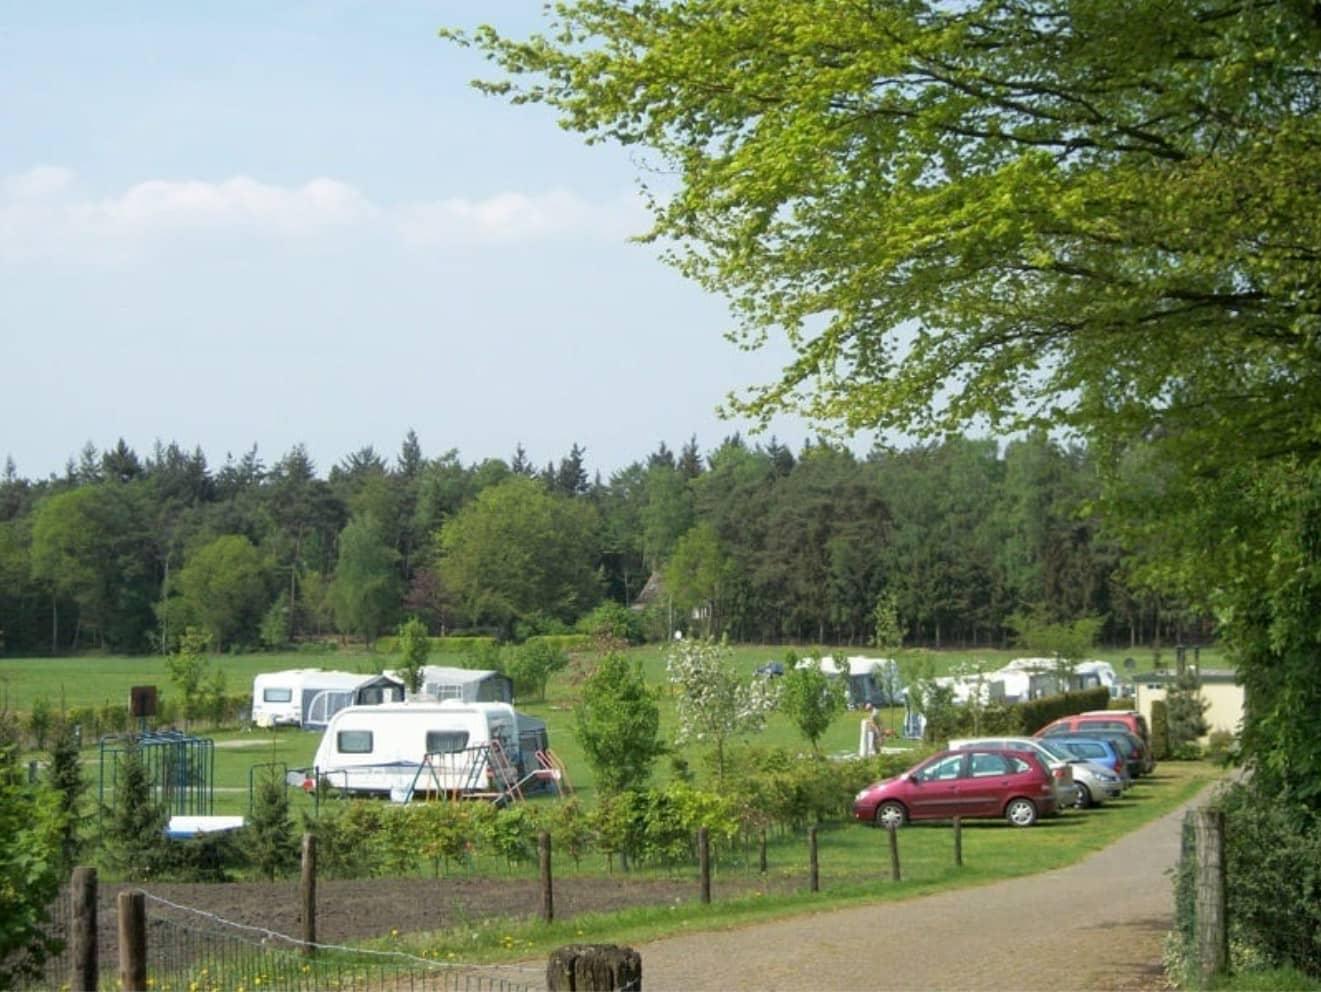 Kamperen bij de boer 28 - camping de prinsenhoeve